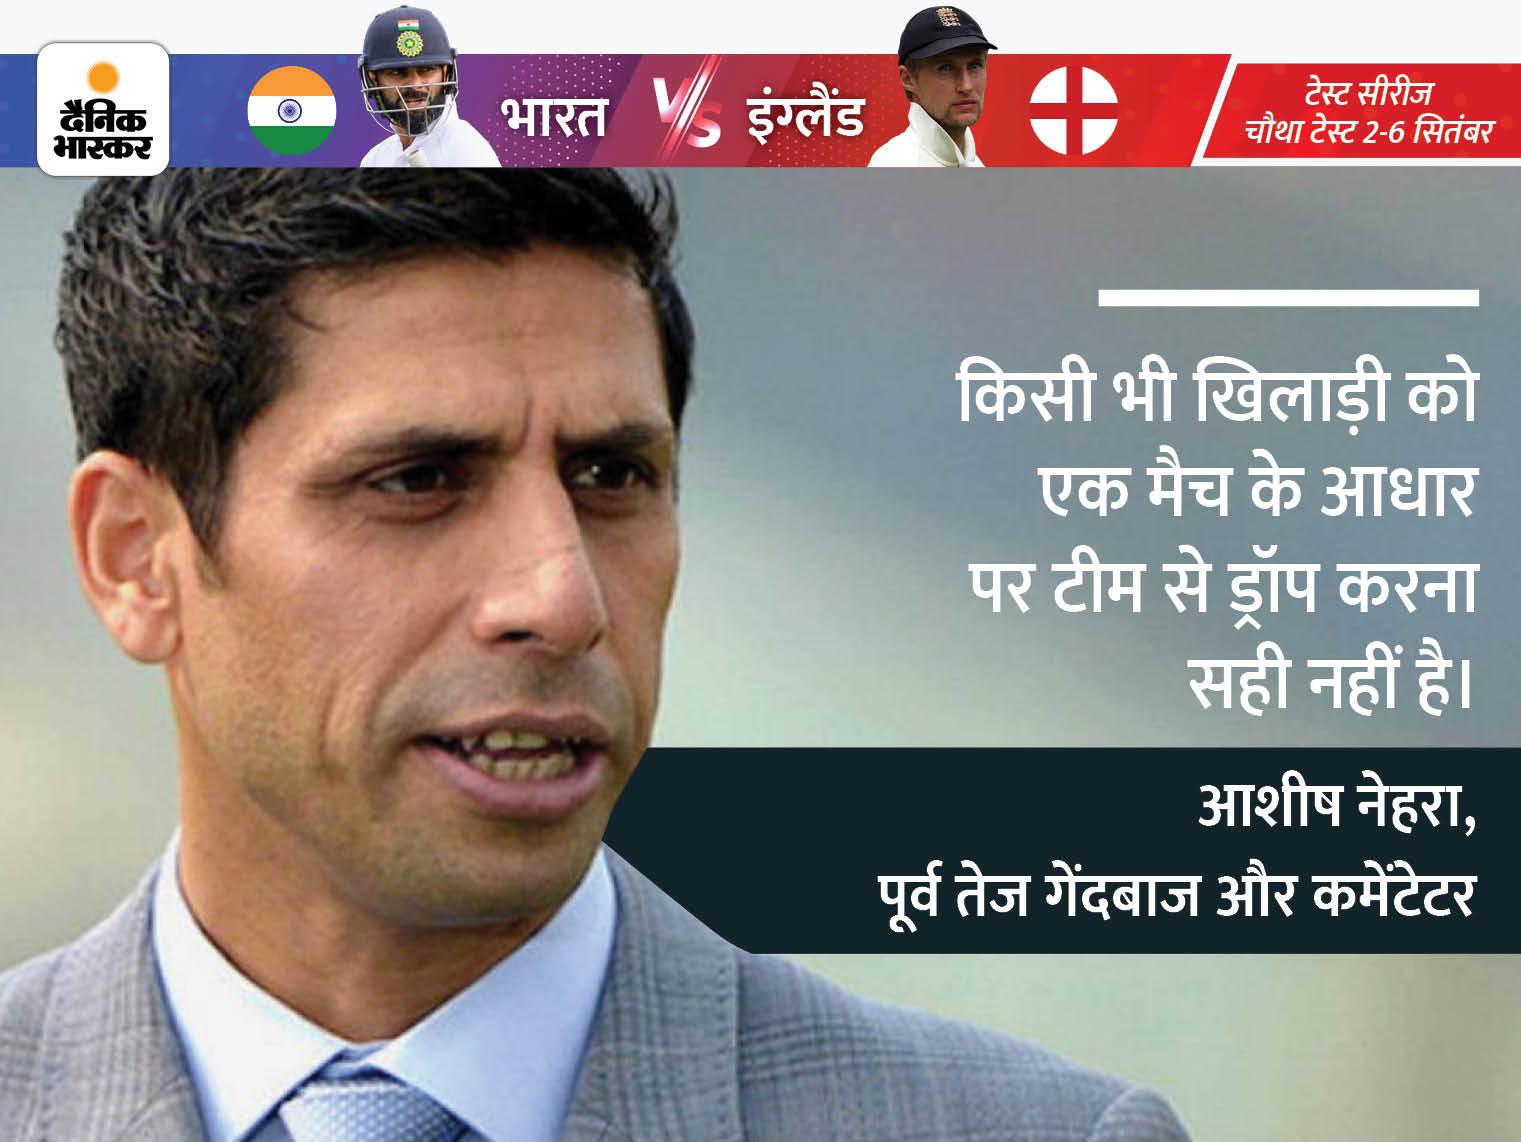 आशीष नेहरा ने कहा- ओवल टेस्ट में अश्विन को मौका दें, पंत पर भरोसा रखें, क्योंकि हर मैच में शतक बनाना आसान नहीं|स्पोर्ट्स,Sports - Dainik Bhaskar